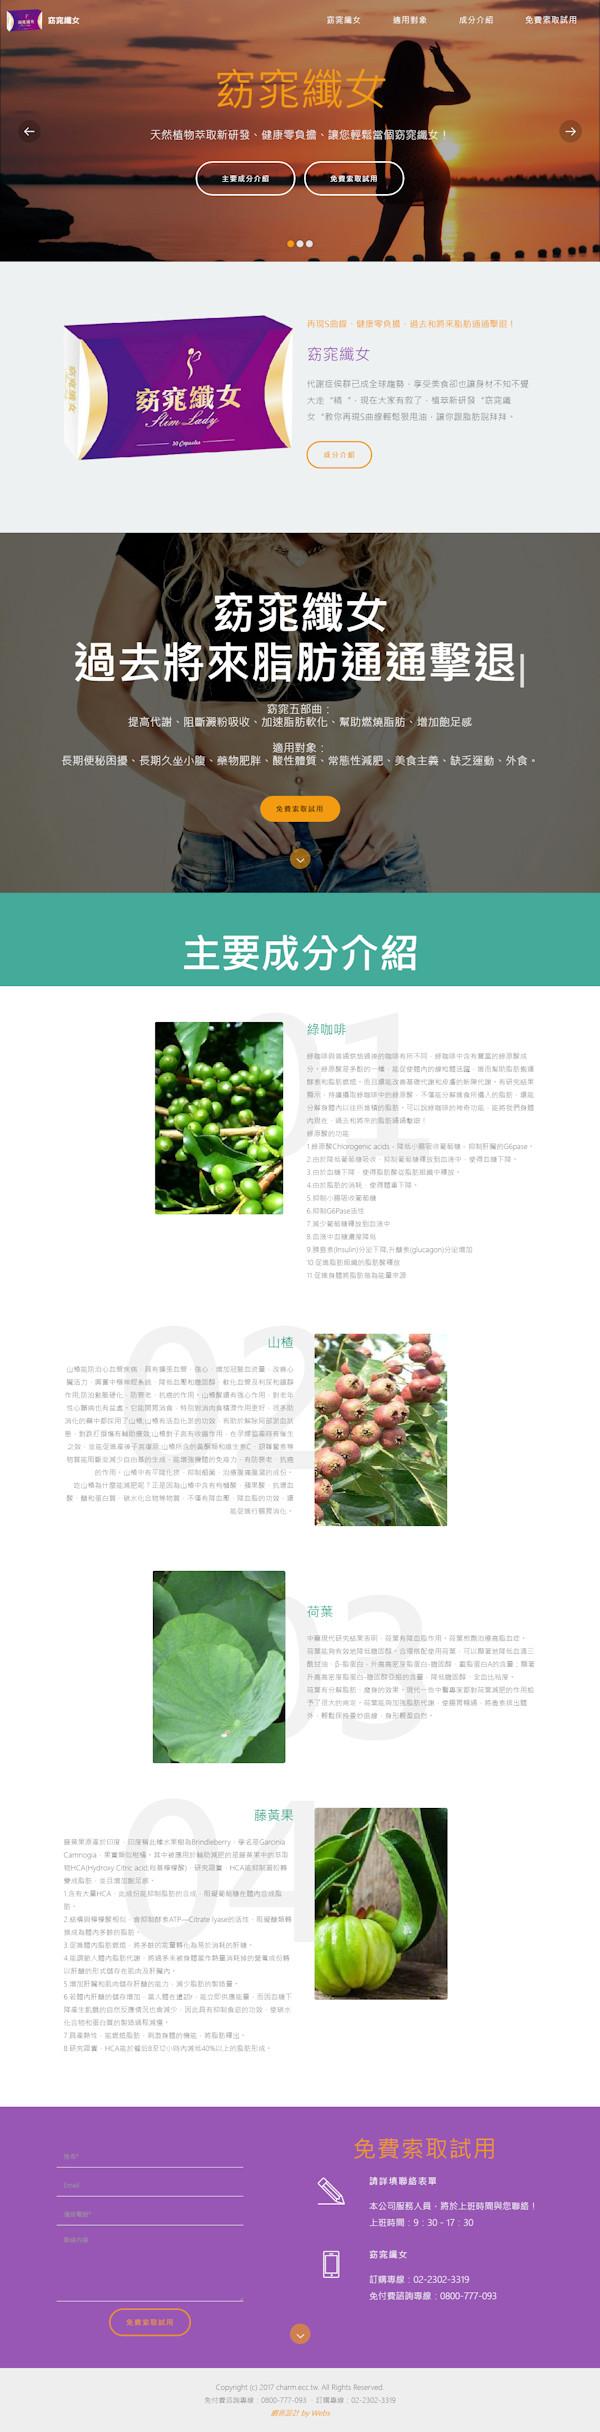 網頁設計-窈窕纖女2